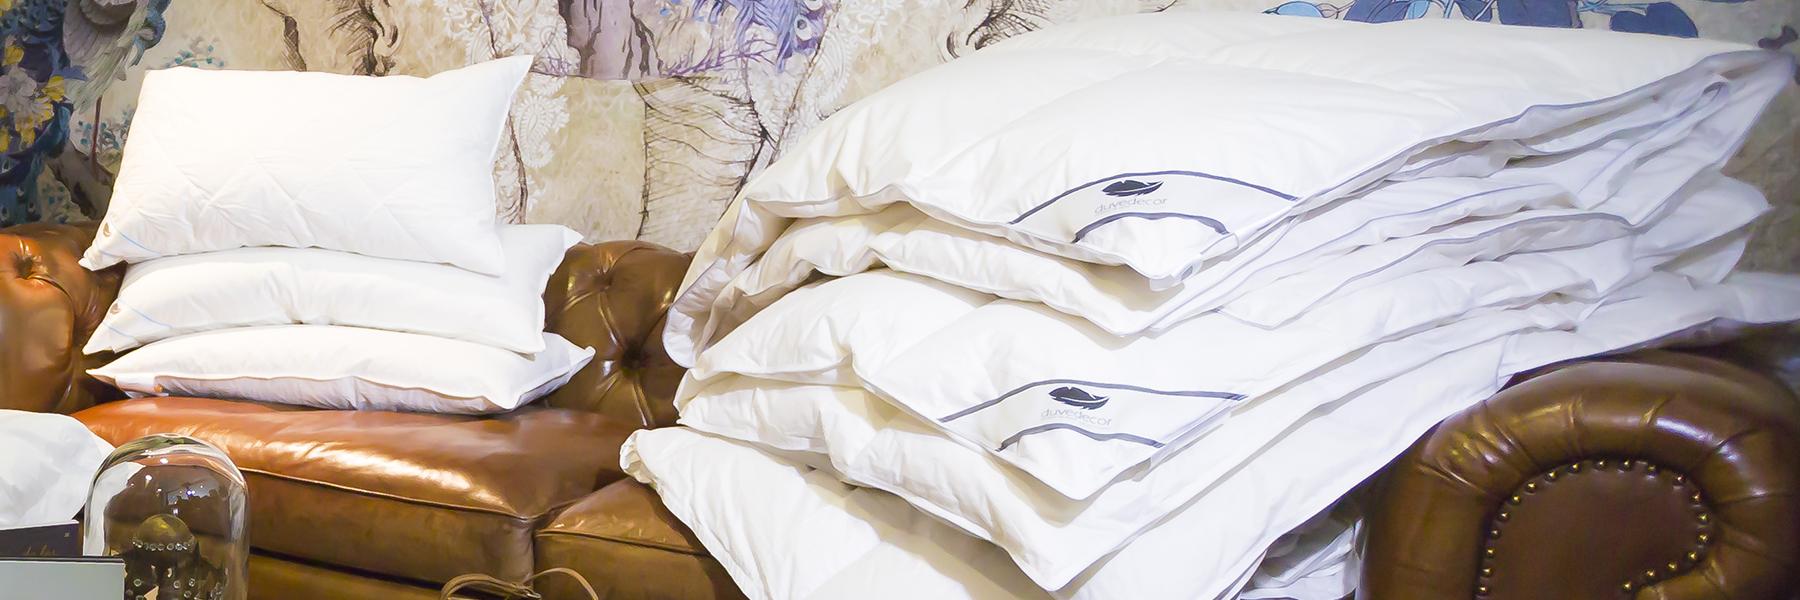 Duvedecor almohadas y relleno nórdico plumón